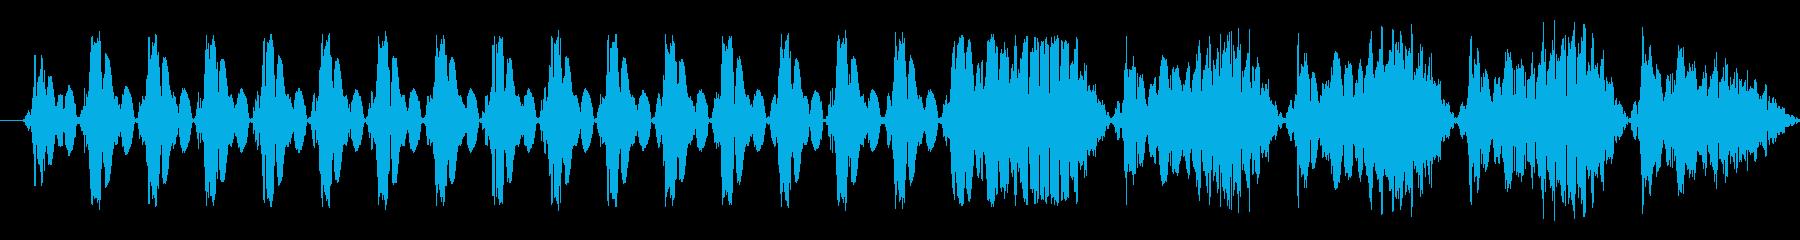 機械的な選択・決定音 ビコの再生済みの波形